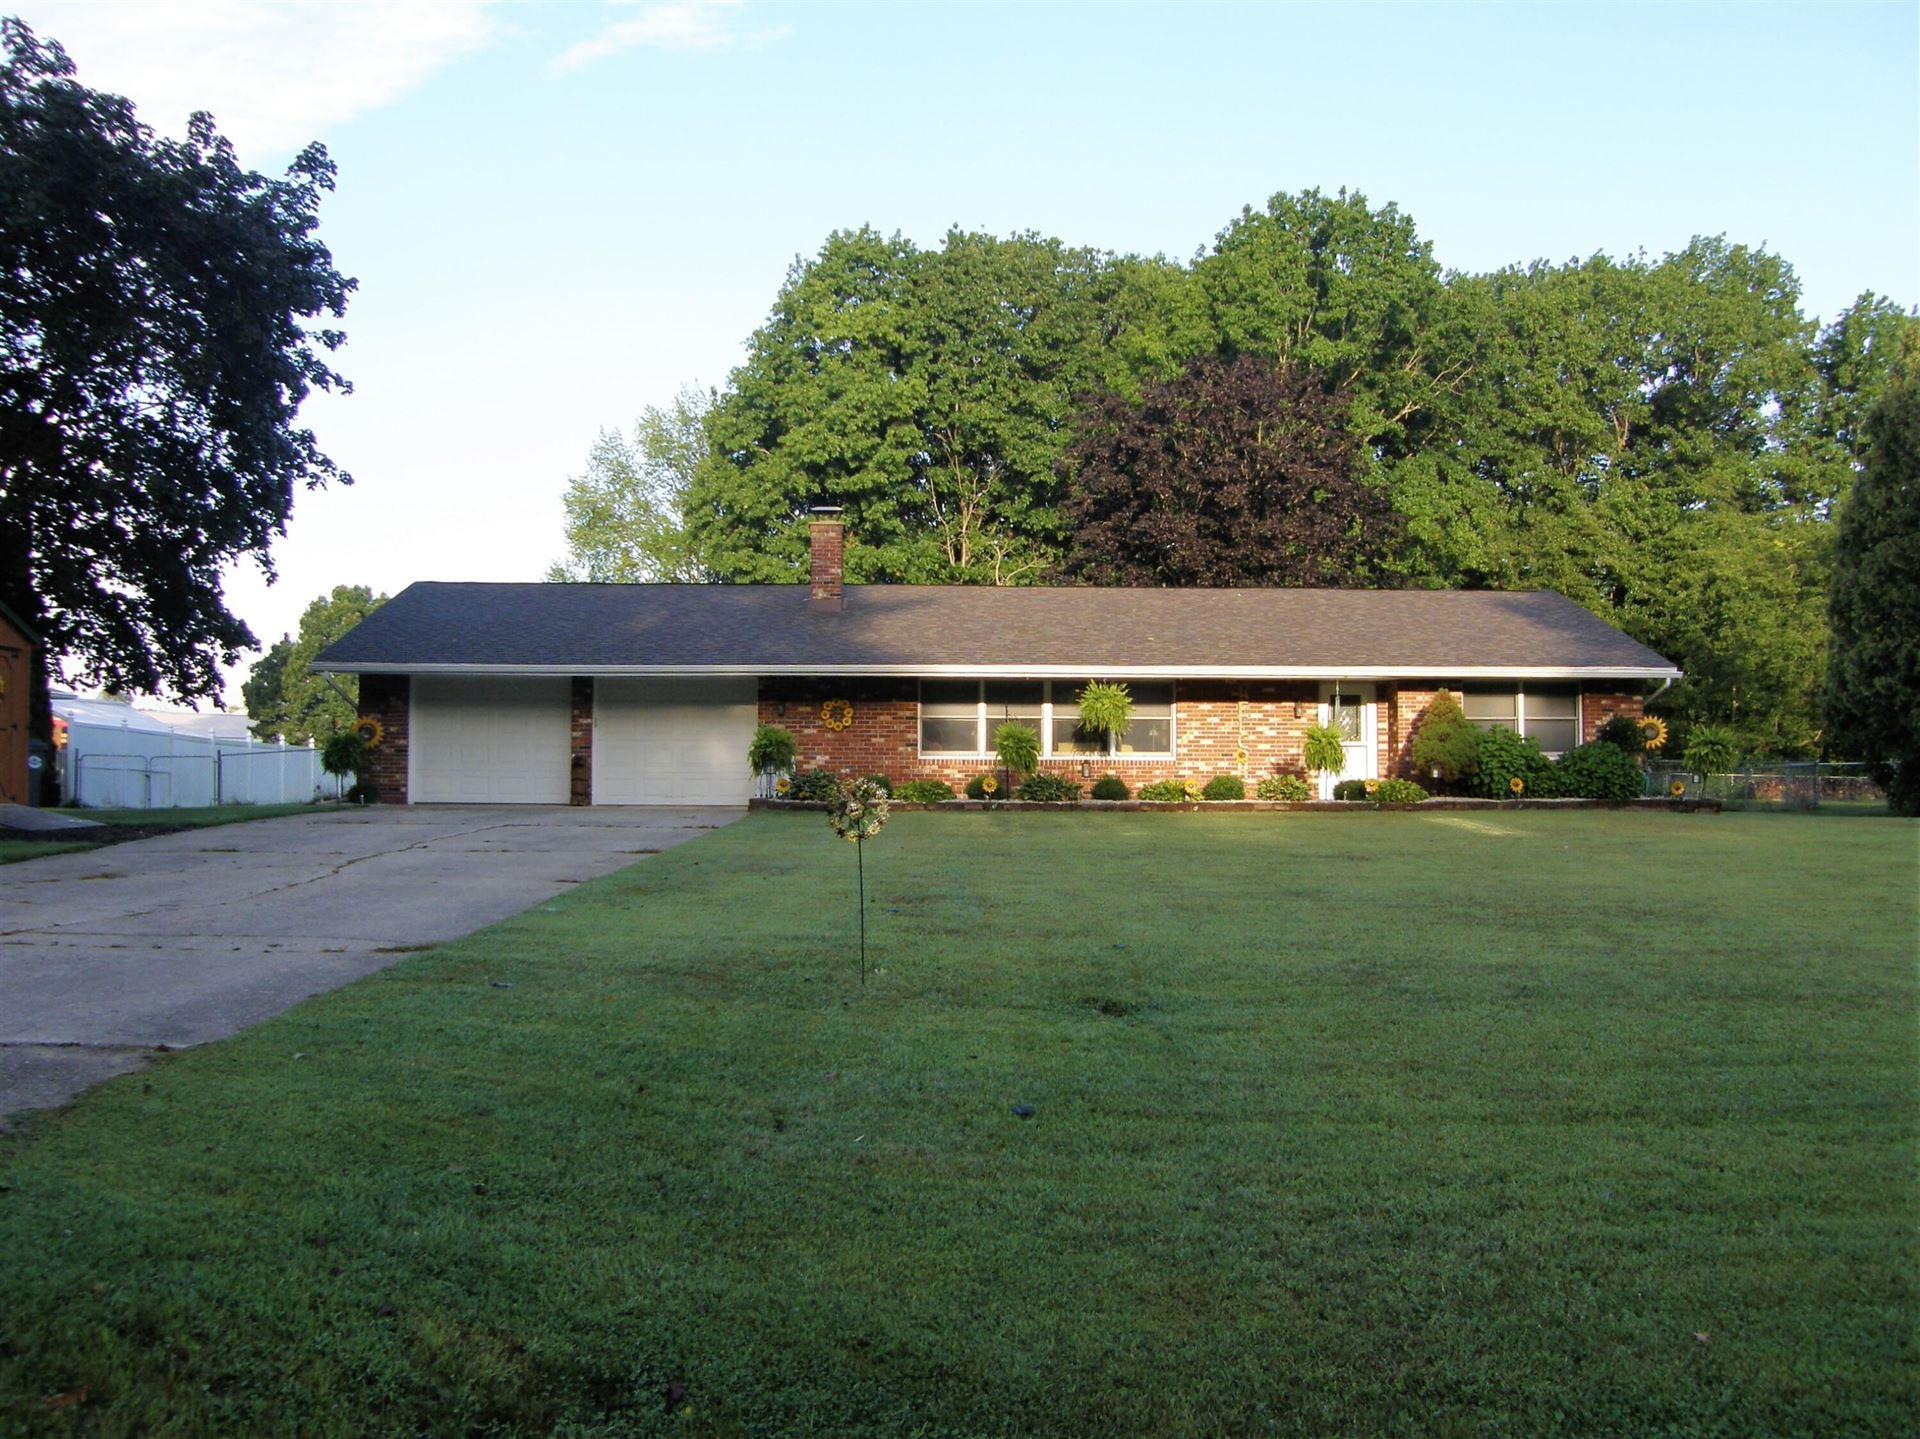 30506 White Oak Drive, Bangor, MI 49013 - MLS#: 21103708